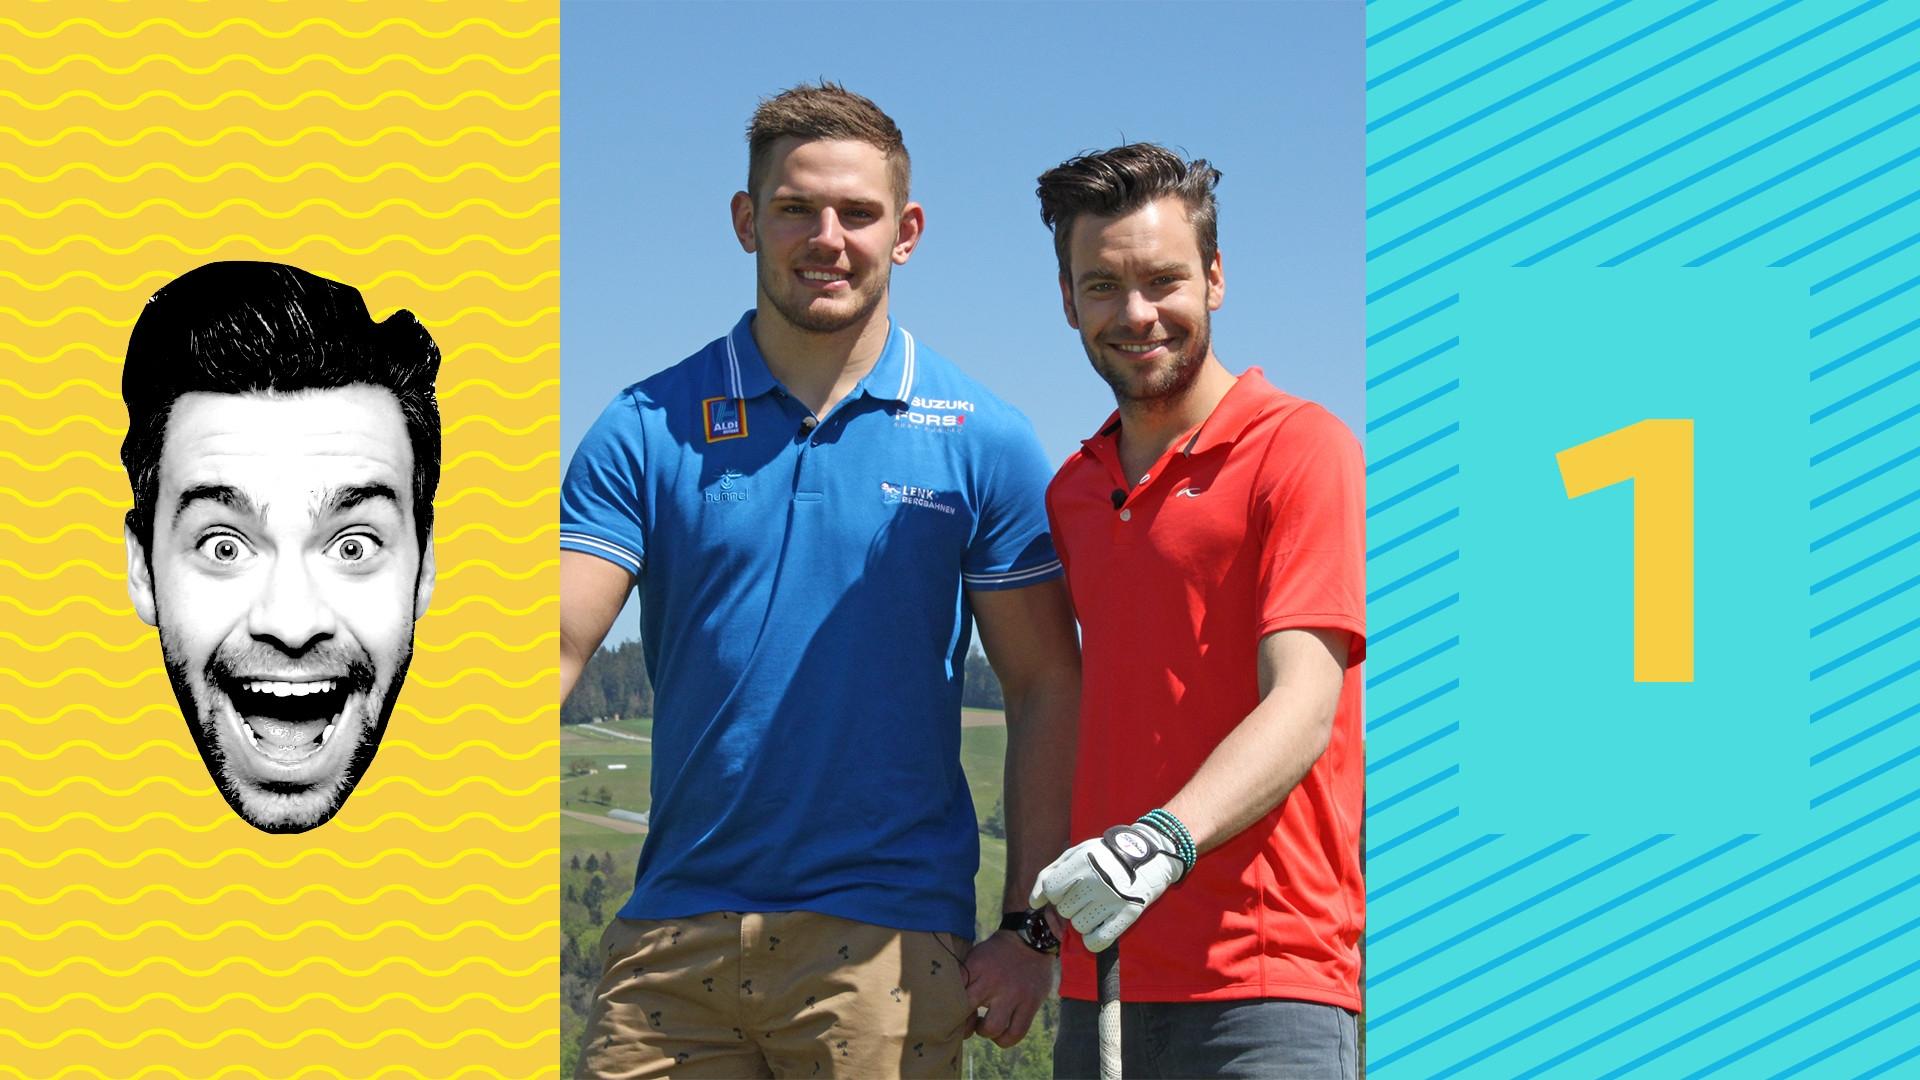 Michel Birri golft mit Remo Käser